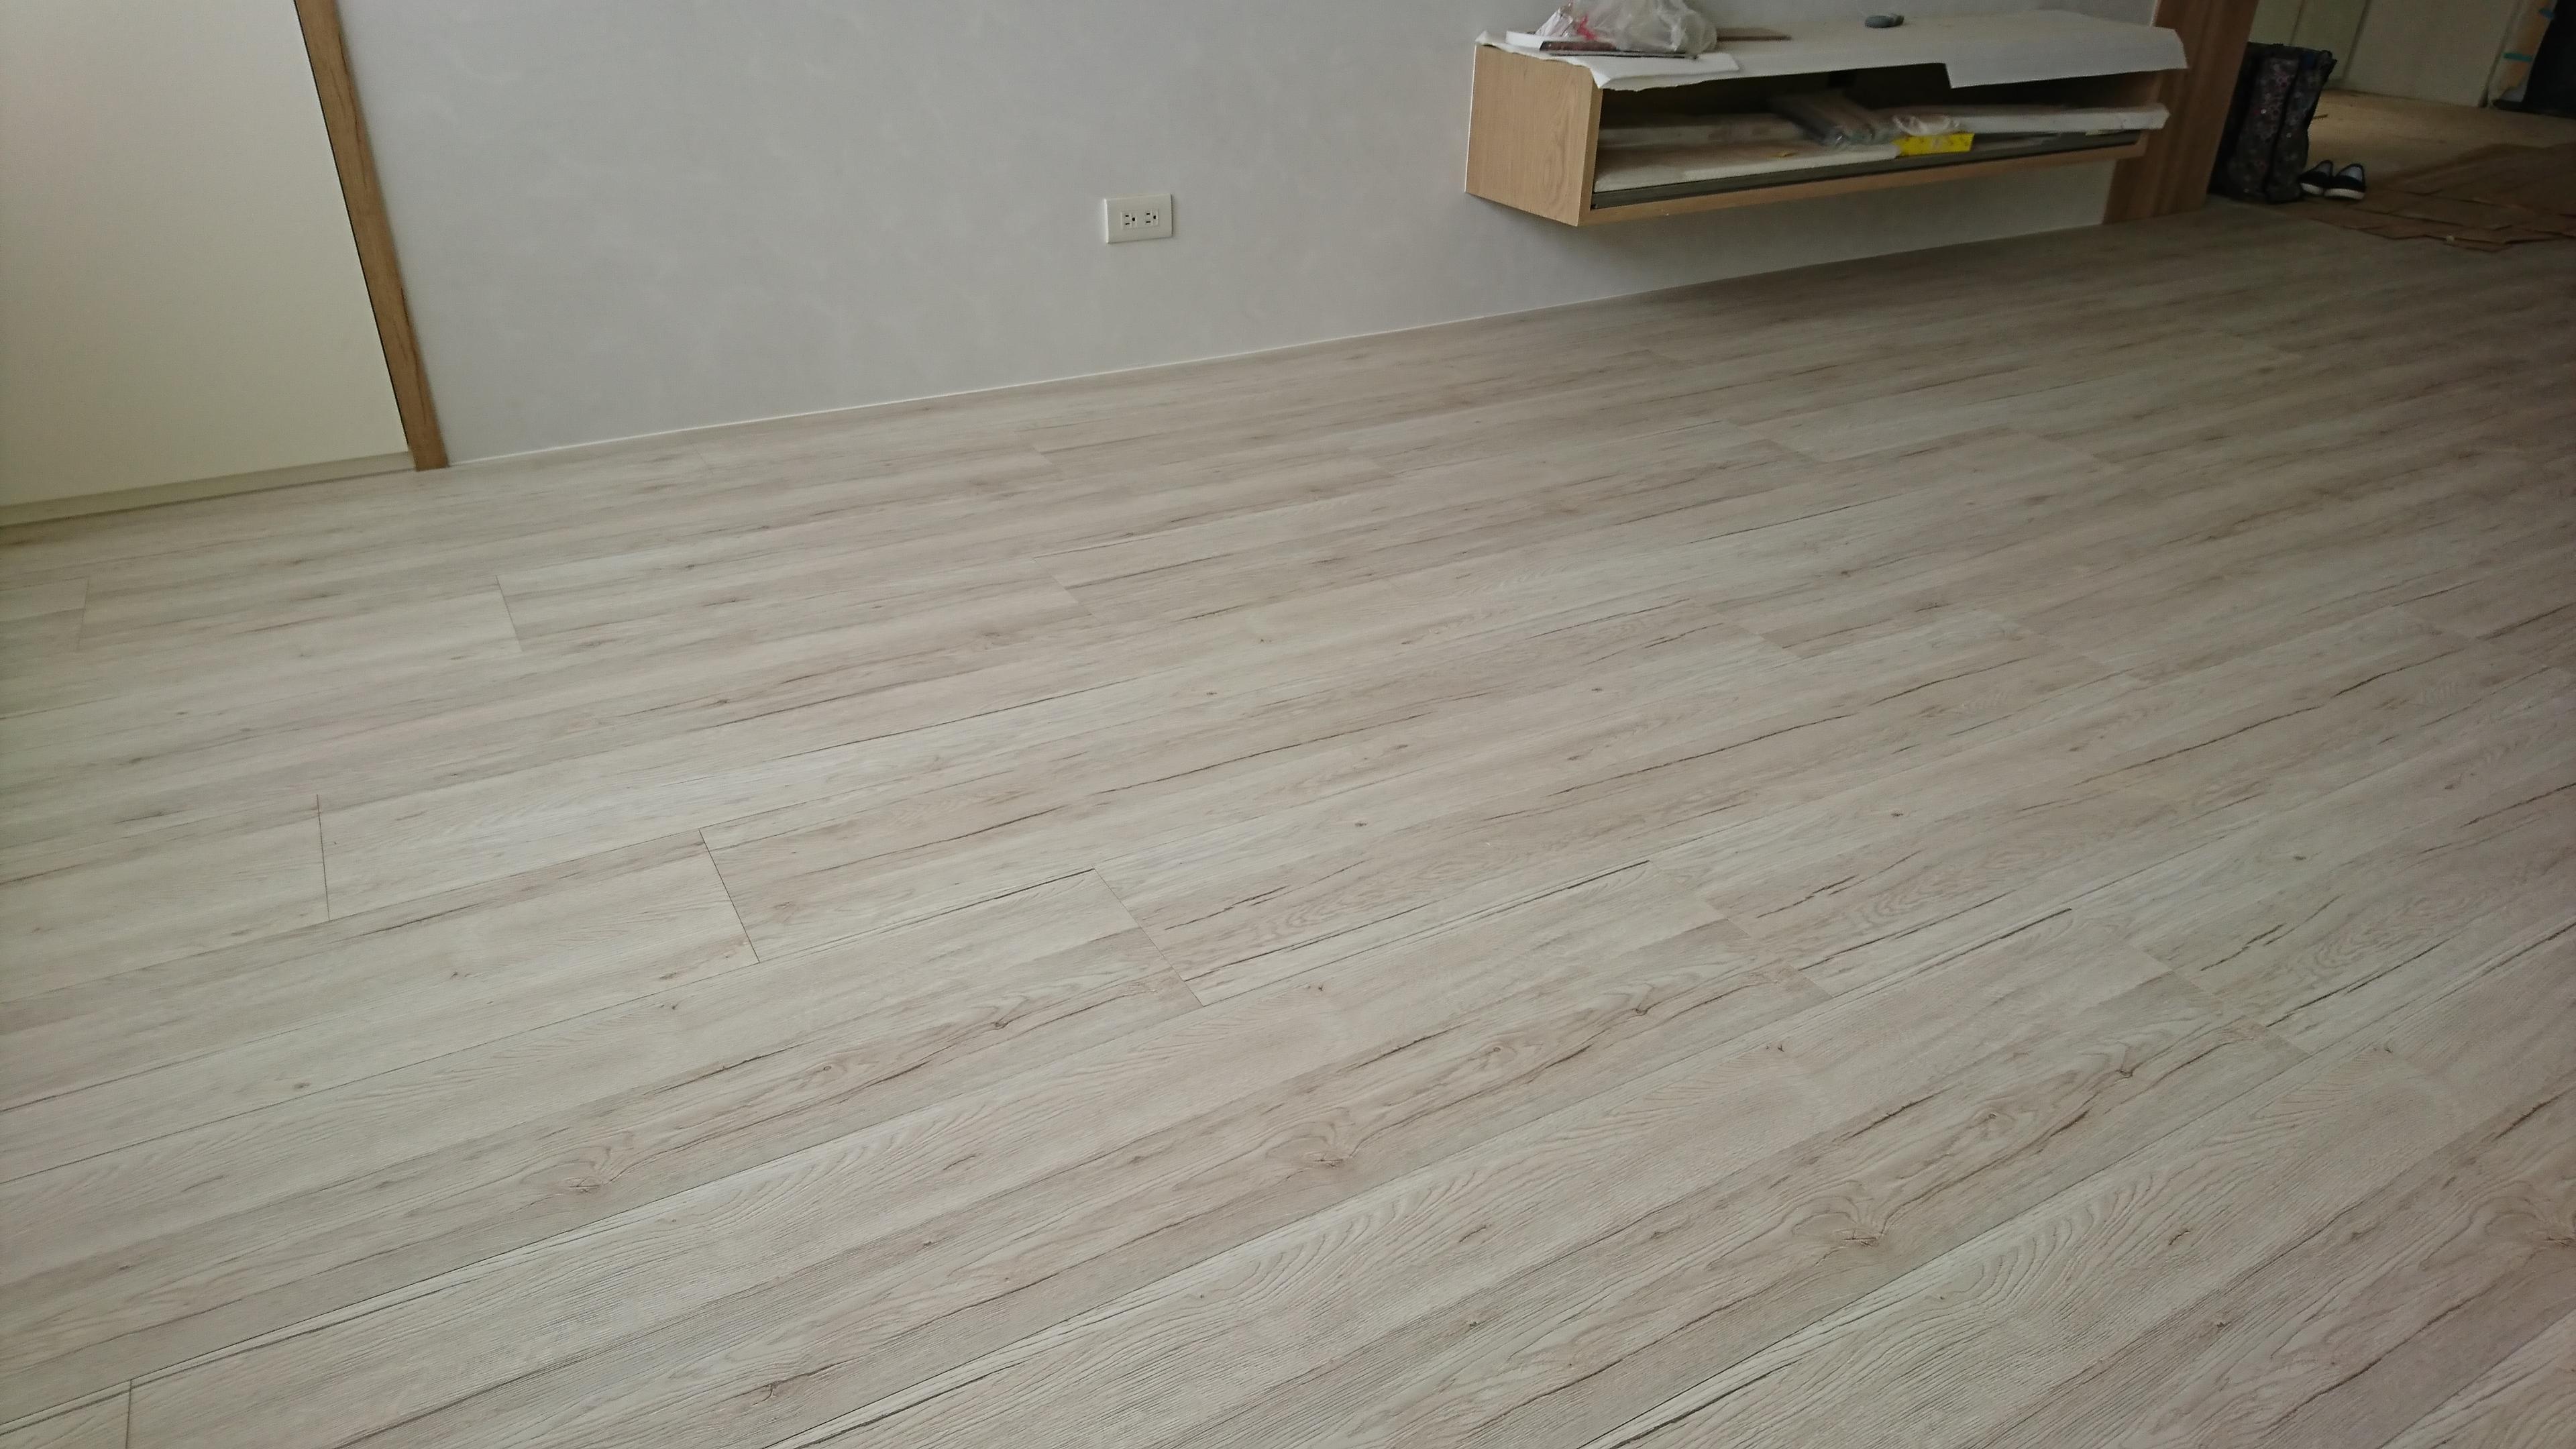 美耐板 超耐磨地板 皇家極品系列 布里斯本(甲醛釋放量F1)(台中市)